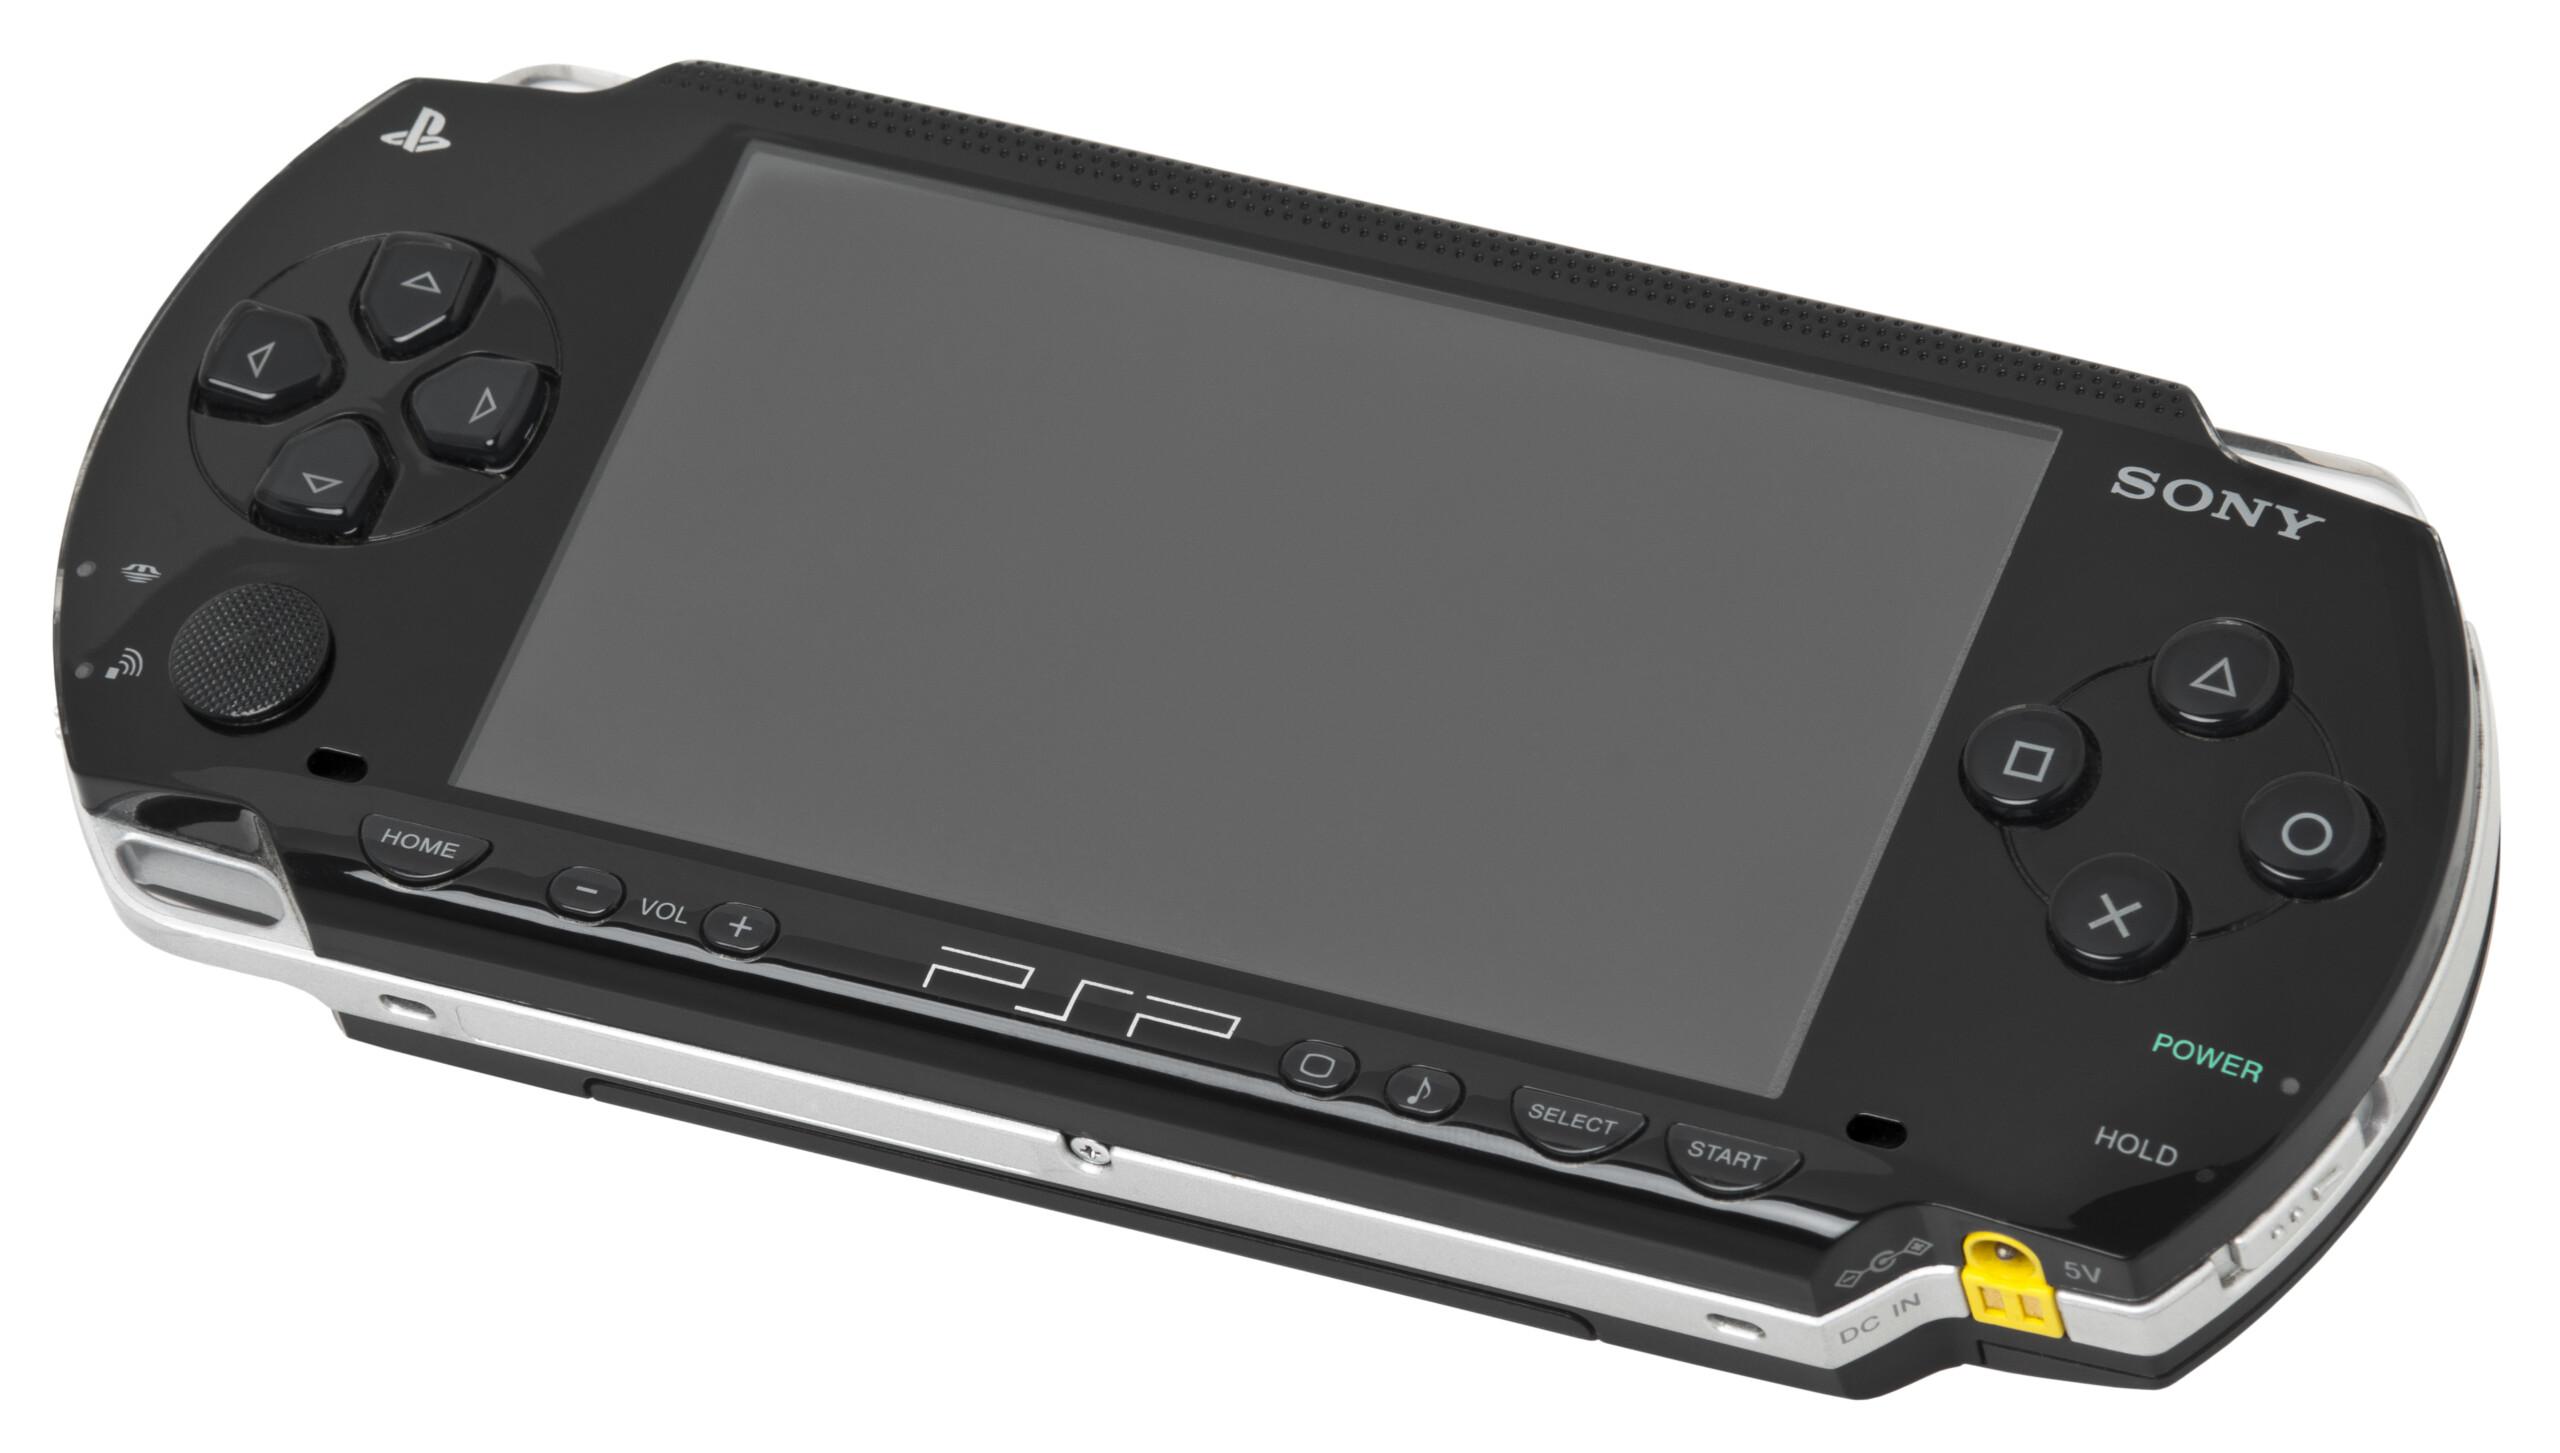 Sony va continuer à vendre des jeux PSP